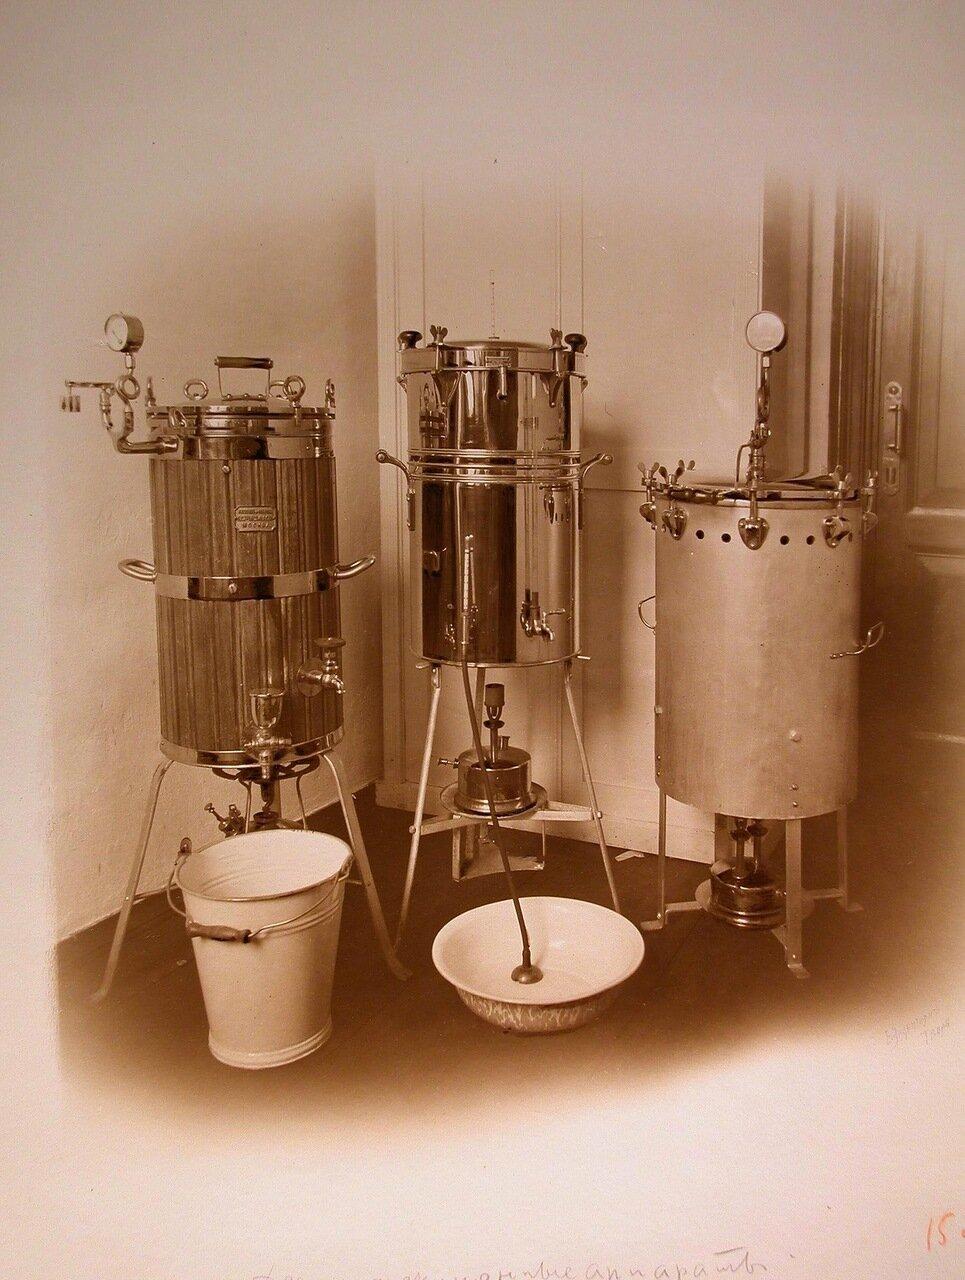 16. Общий вид дезинфекционных аппаратов, установленных в одном из помещений госпиталя